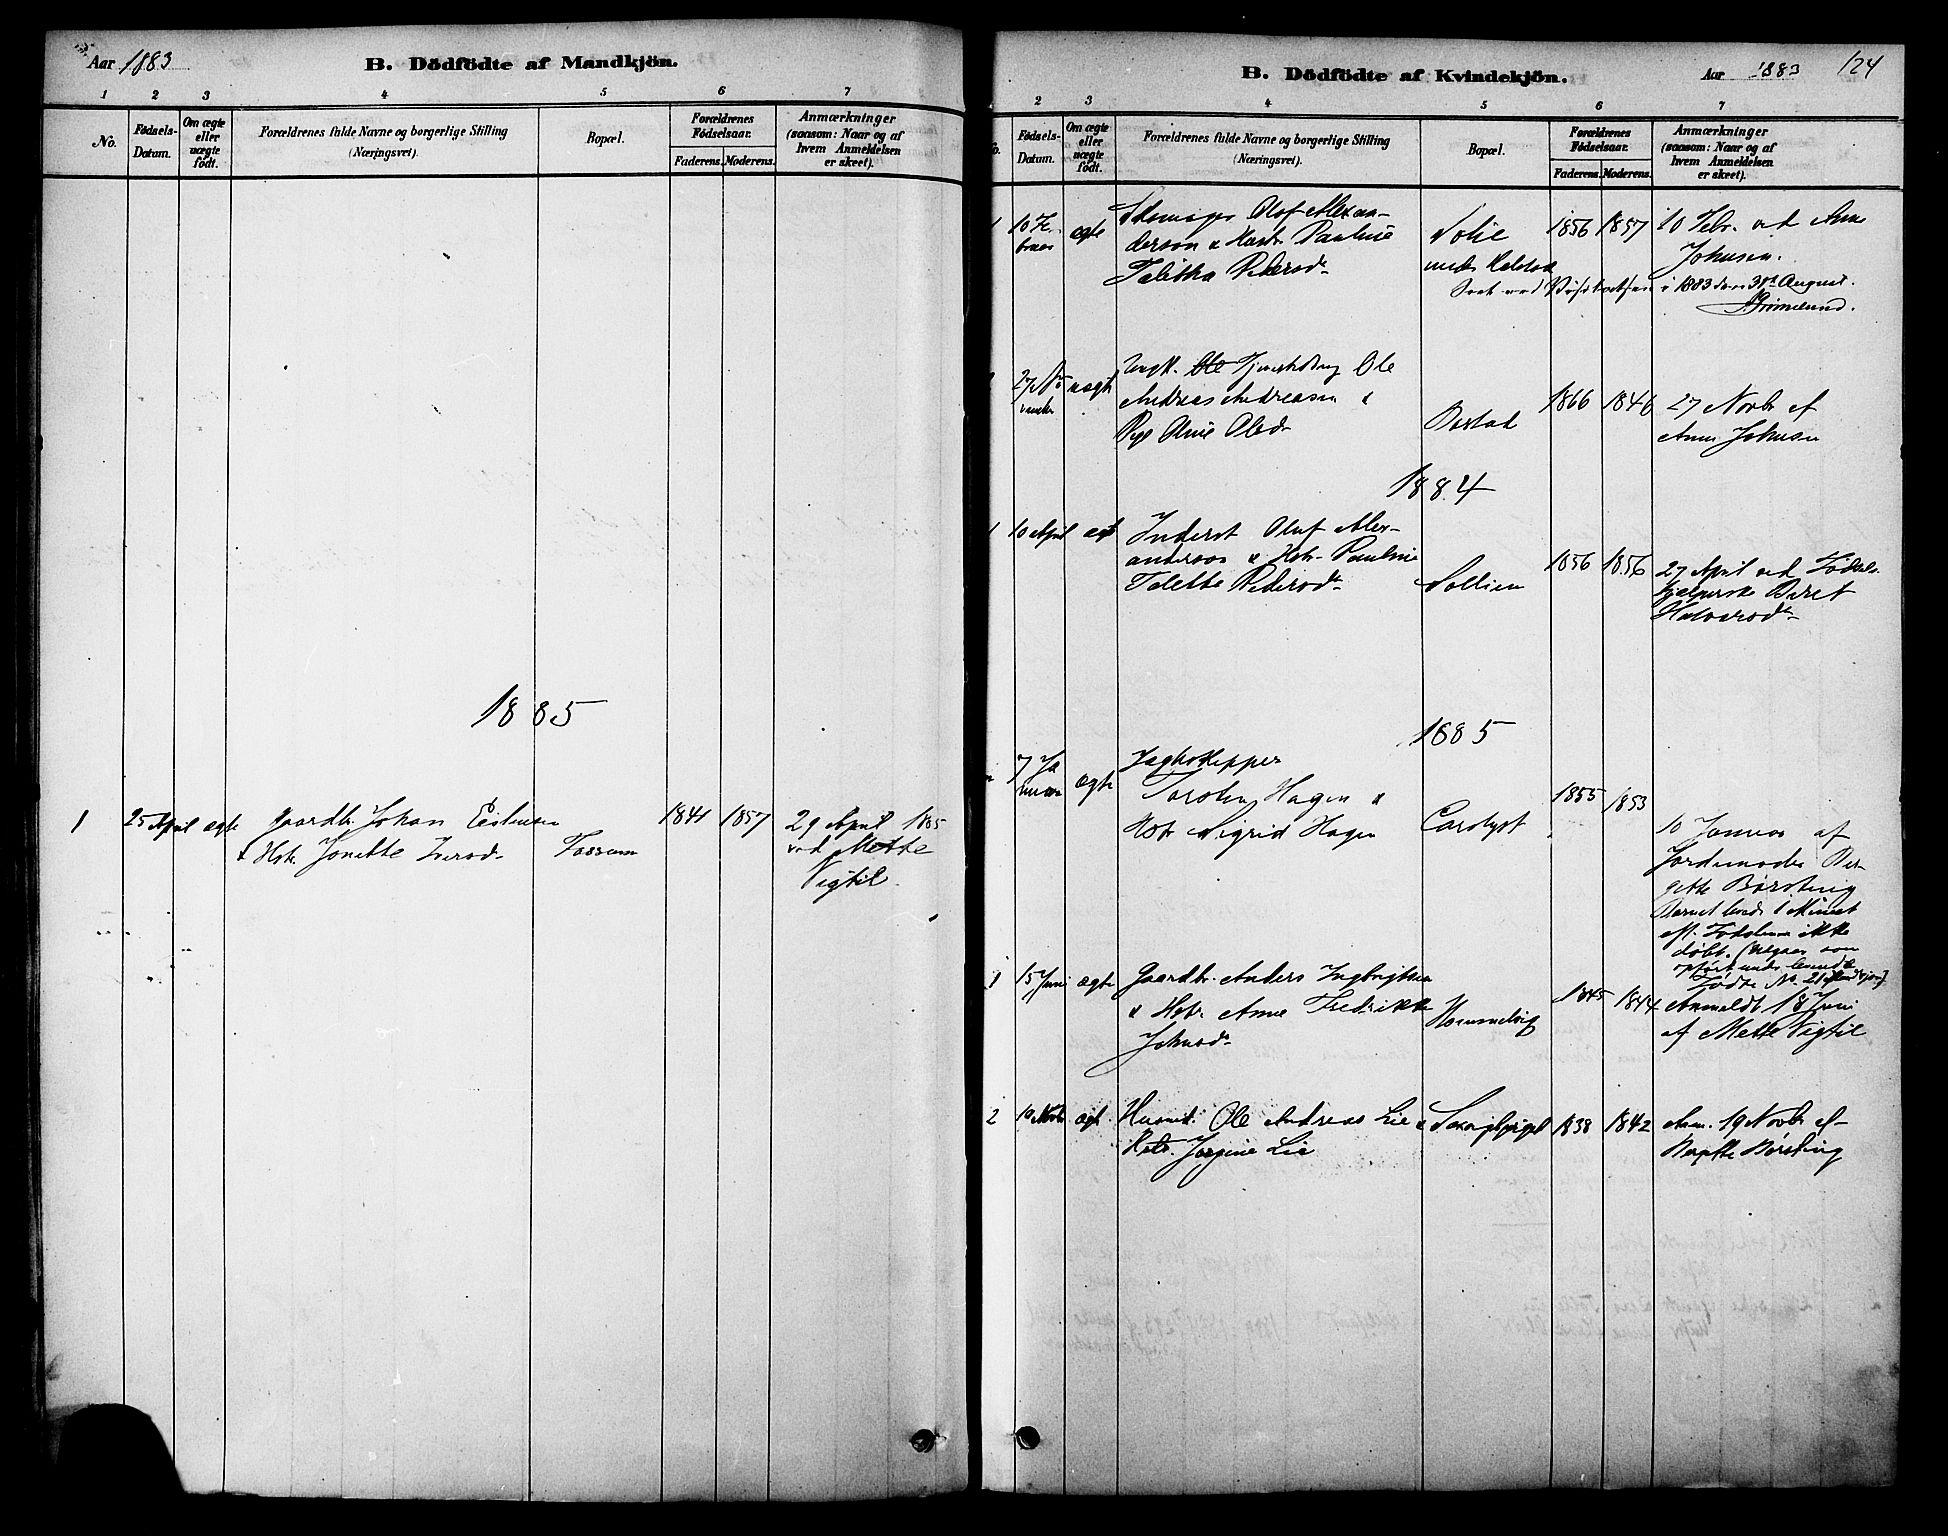 SAT, Ministerialprotokoller, klokkerbøker og fødselsregistre - Sør-Trøndelag, 616/L0410: Ministerialbok nr. 616A07, 1878-1893, s. 124